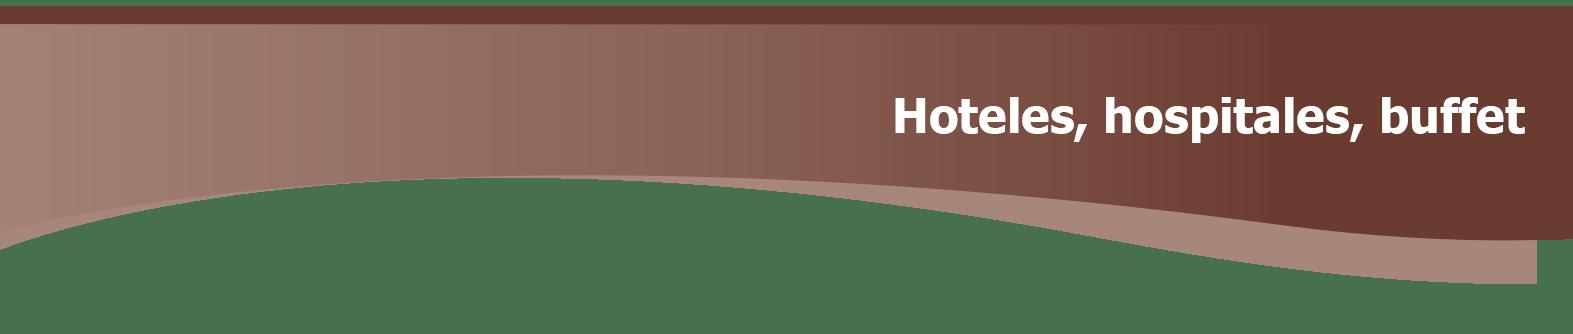 hoteles-hospitales